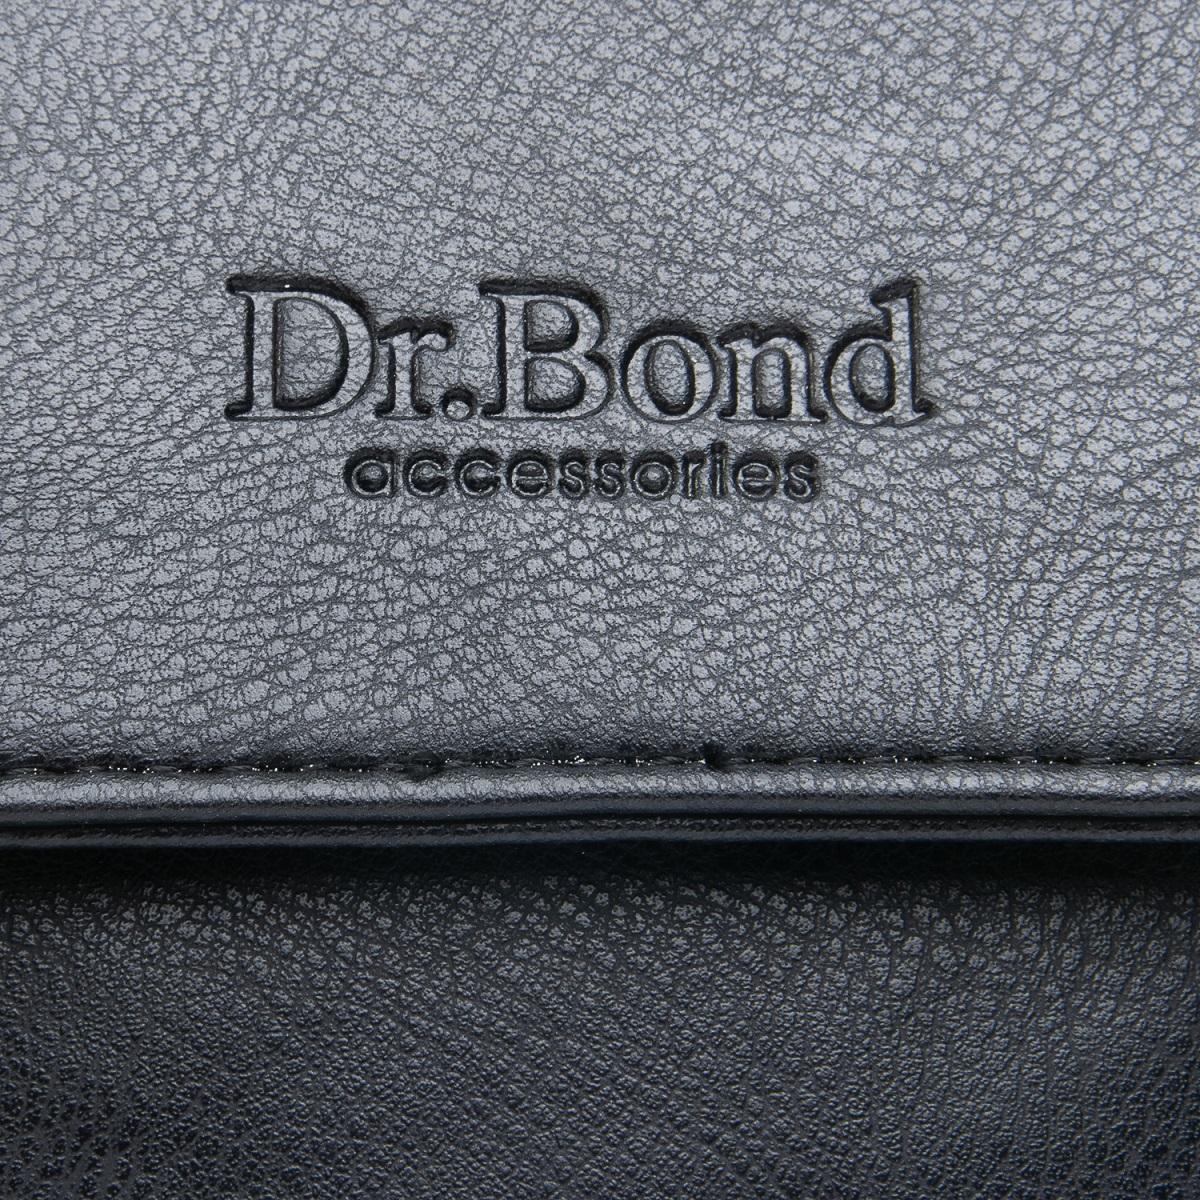 Сумка Мужская Планшет иск-кожа DR. BOND GL 319-1 black - фото 3